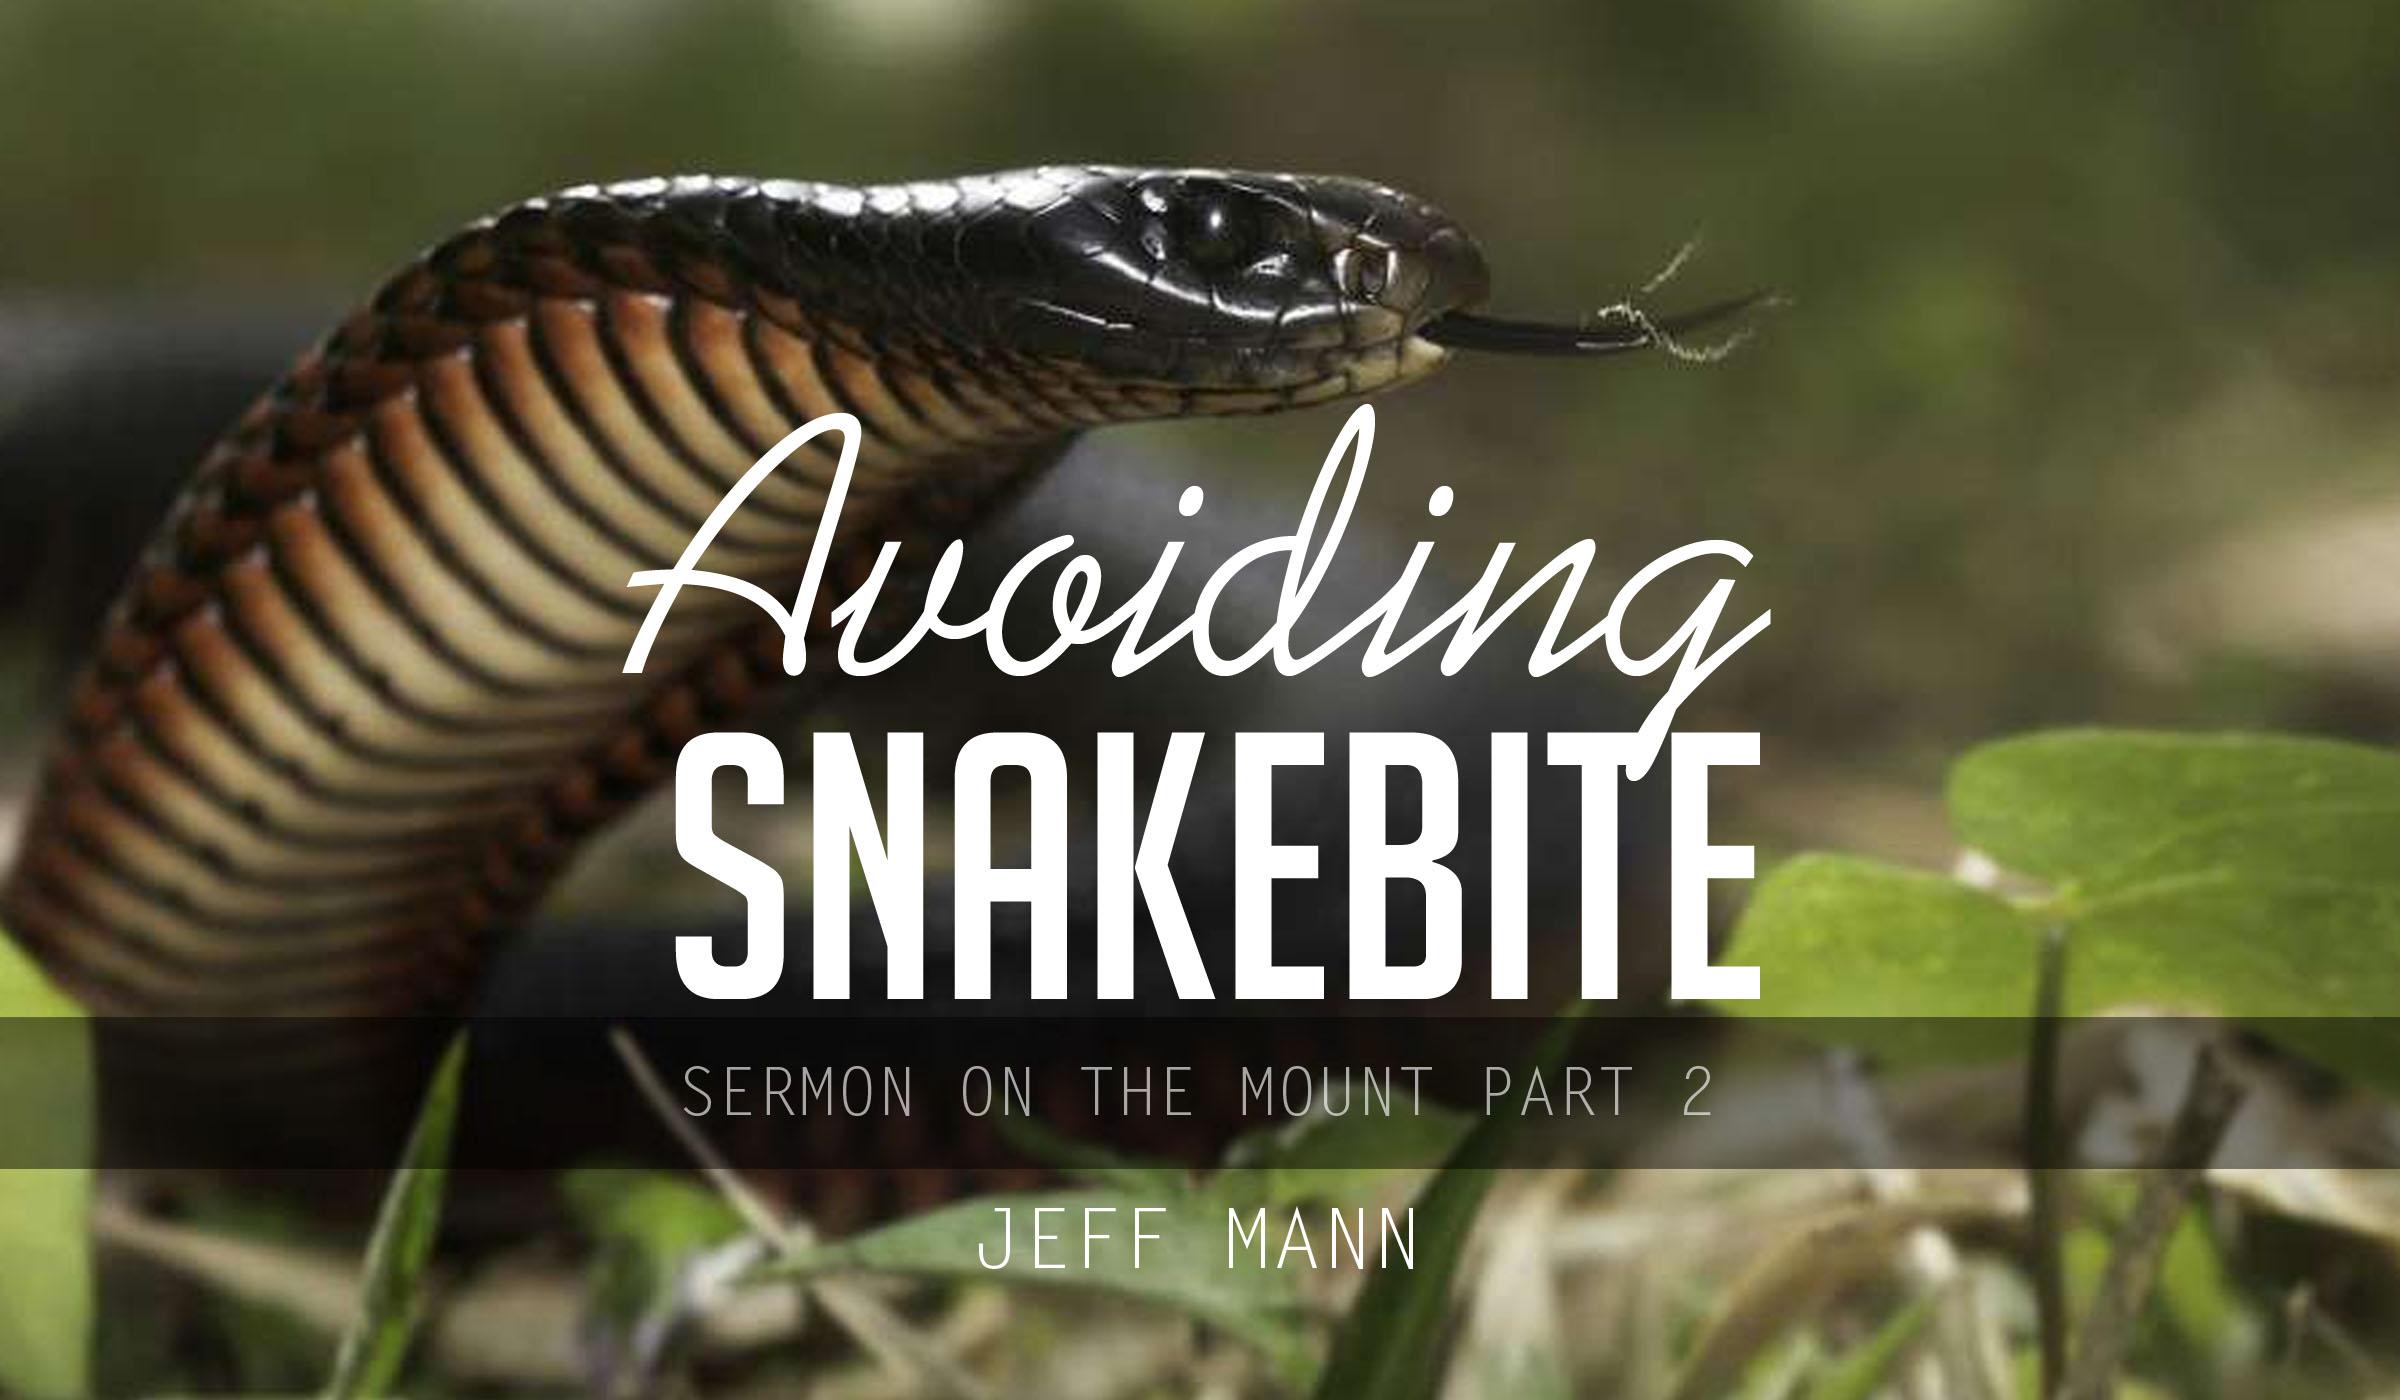 Avoiding Snakebite